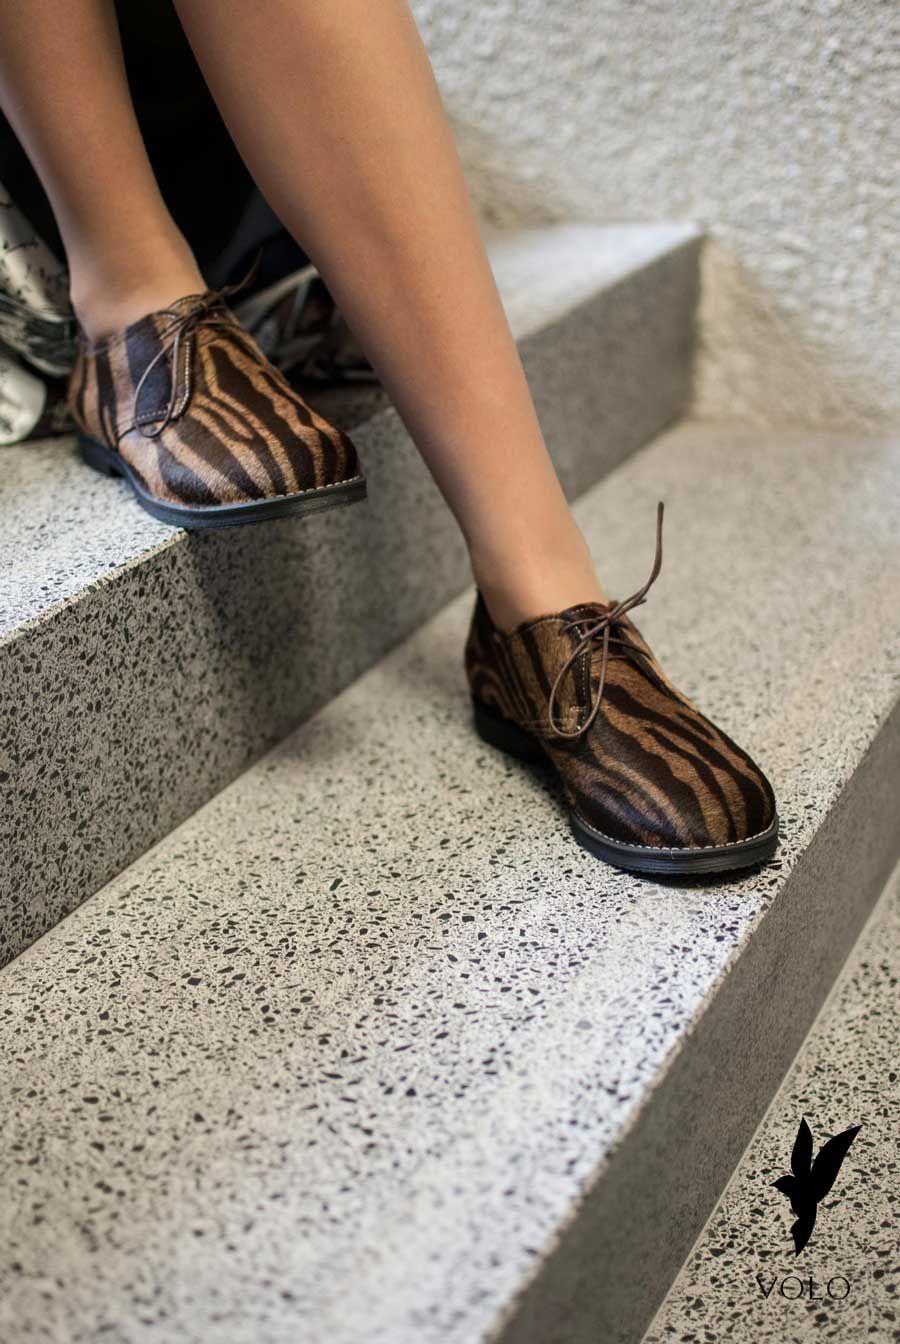 Buty Volo Polbuty Vera Z Naturalnym Dlugim Wlosiem W Kolorze Ciemna Zebra Shoes Moccasins Fashion